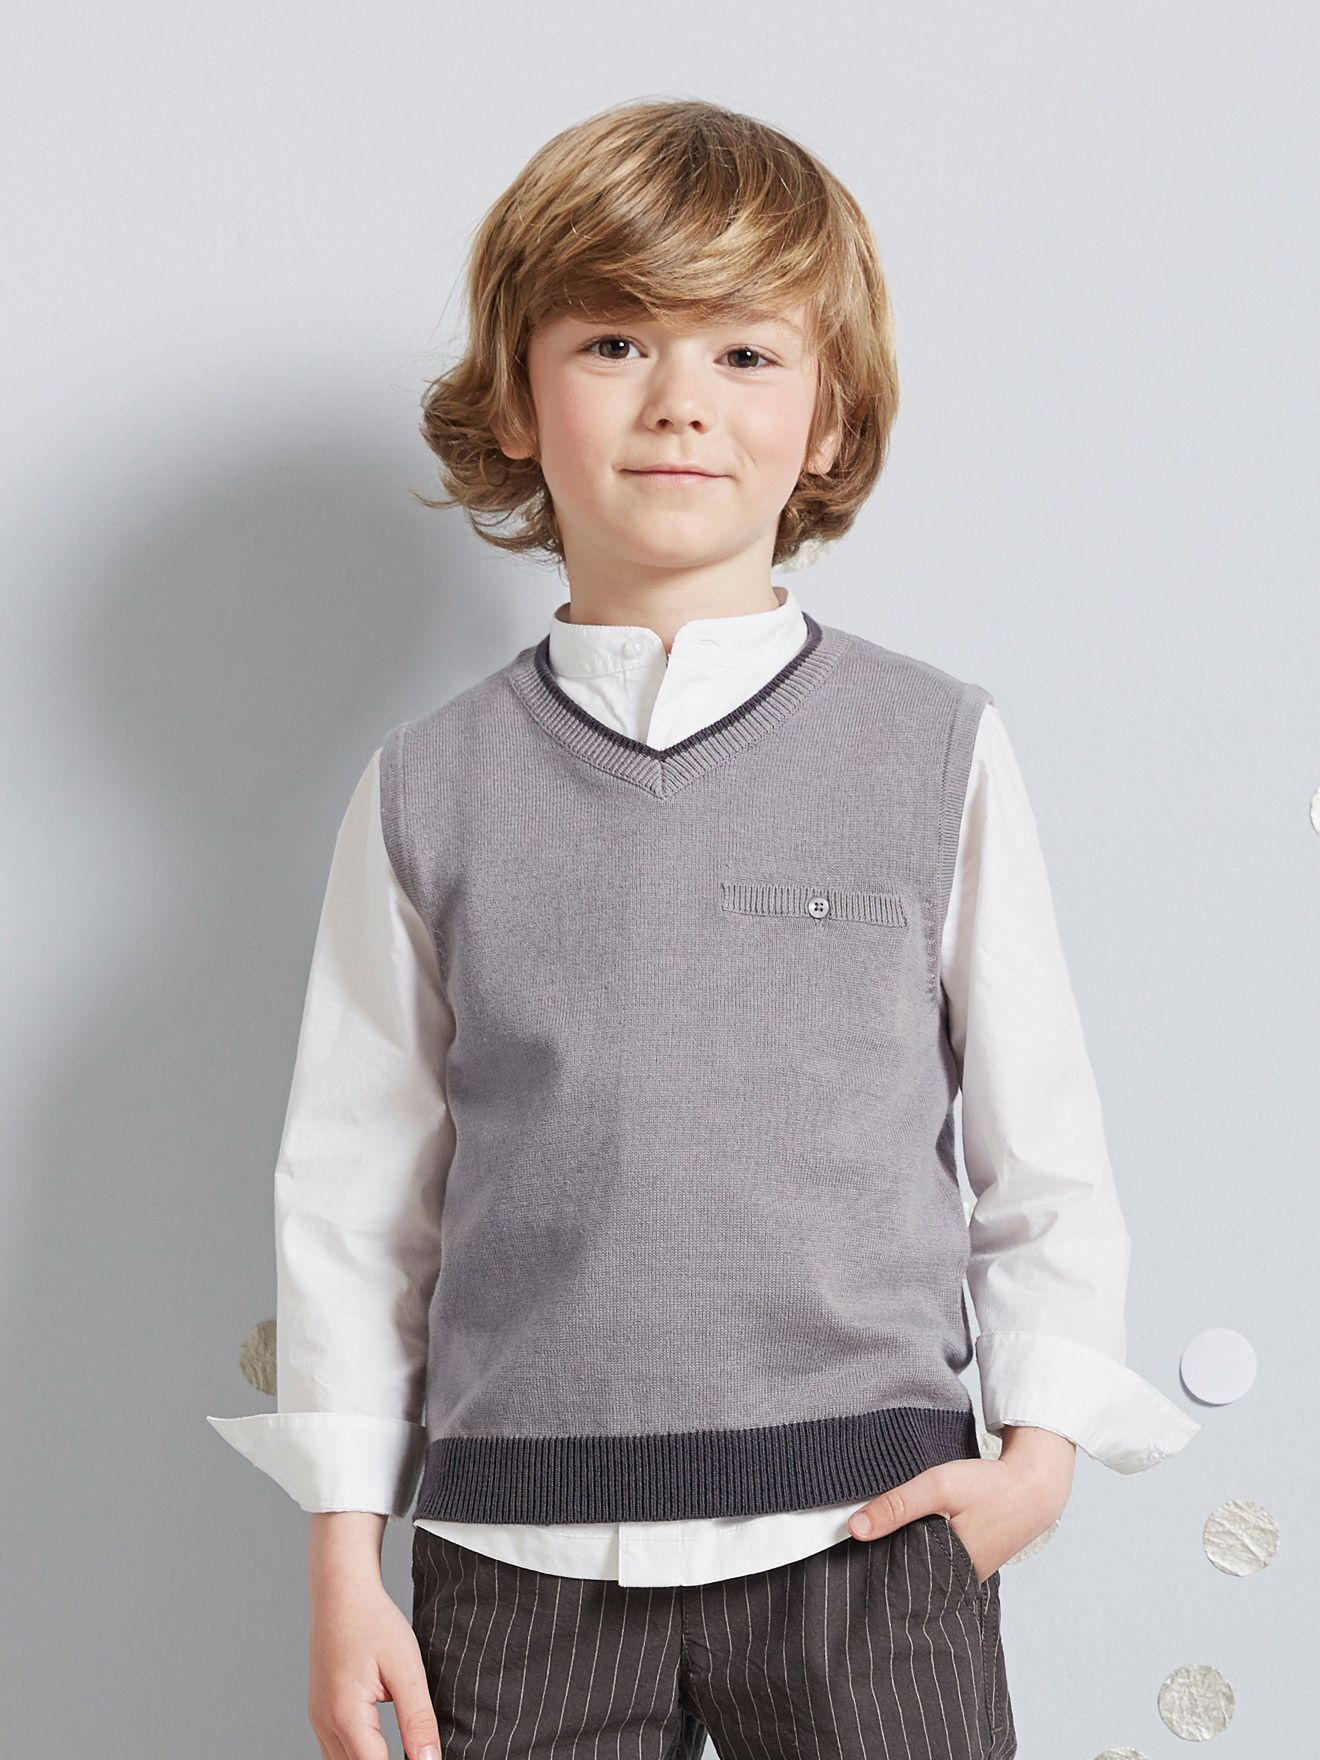 Chaleco adorable sobre una camisa, ¡el cómplice de los niños que quieren estar guapos!